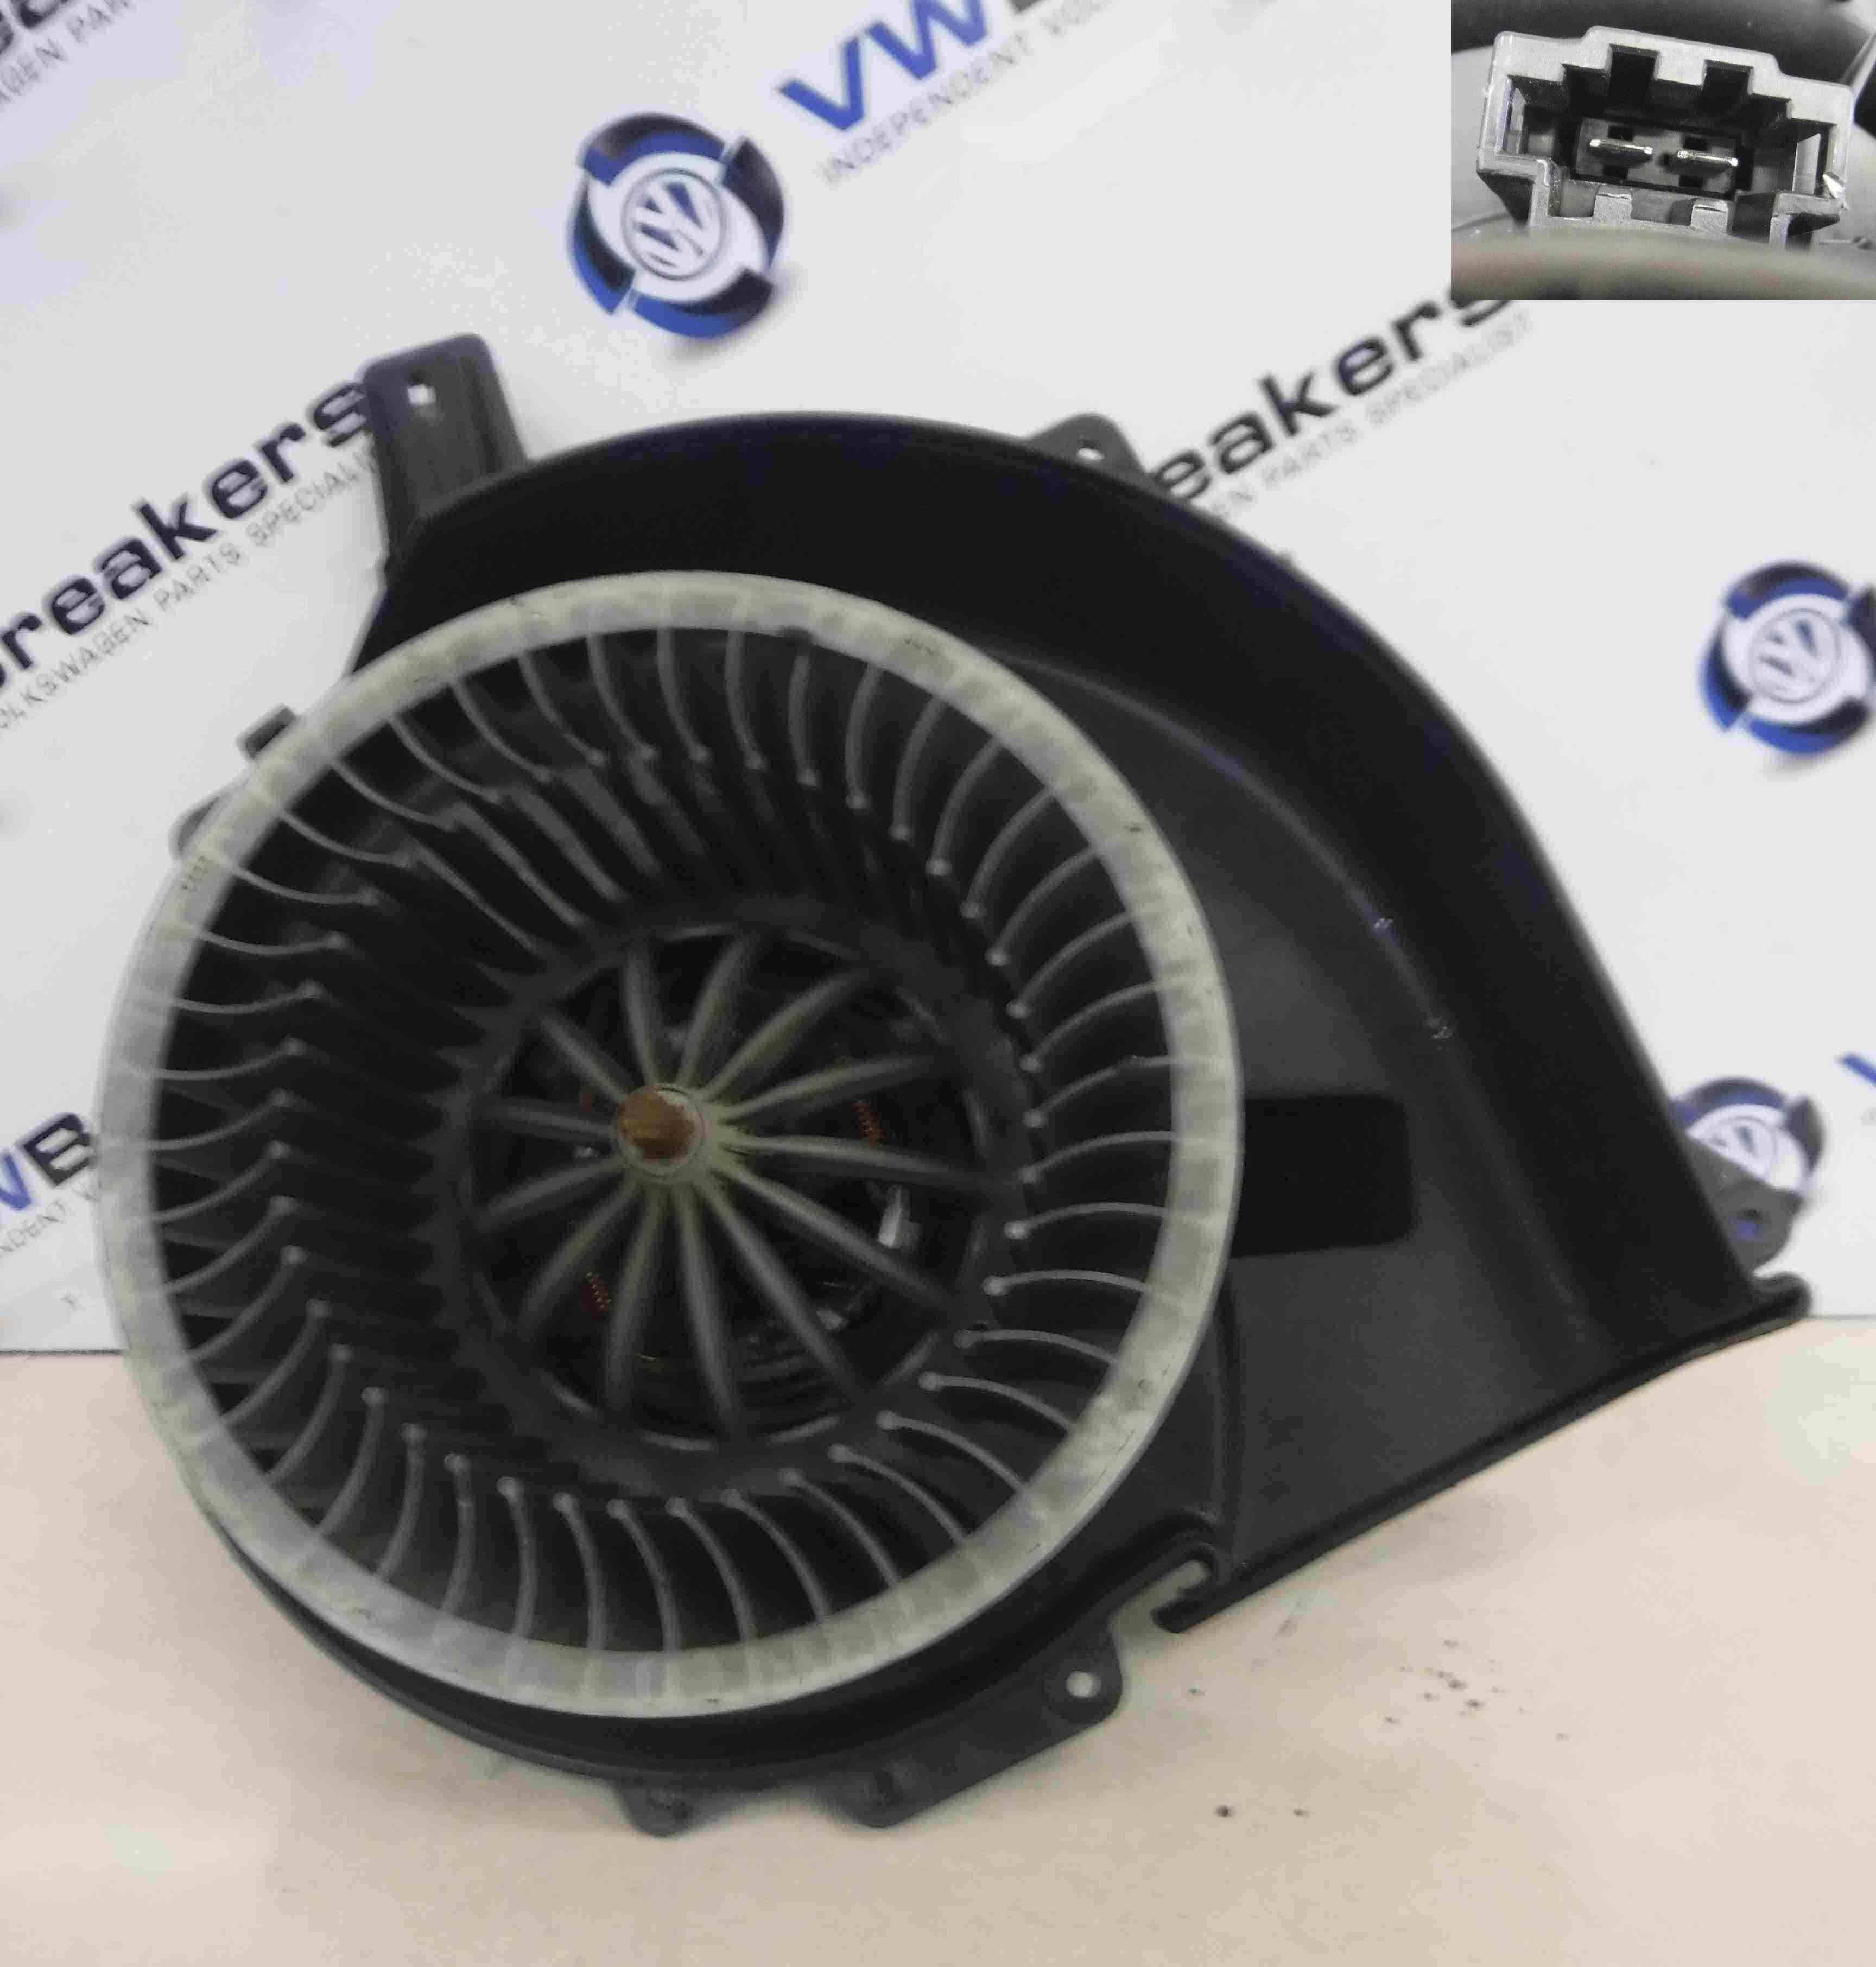 Volkswagen Polo 2003-2006 9N Heater Blower Motor Fan 6q2819015c 6q2819015g